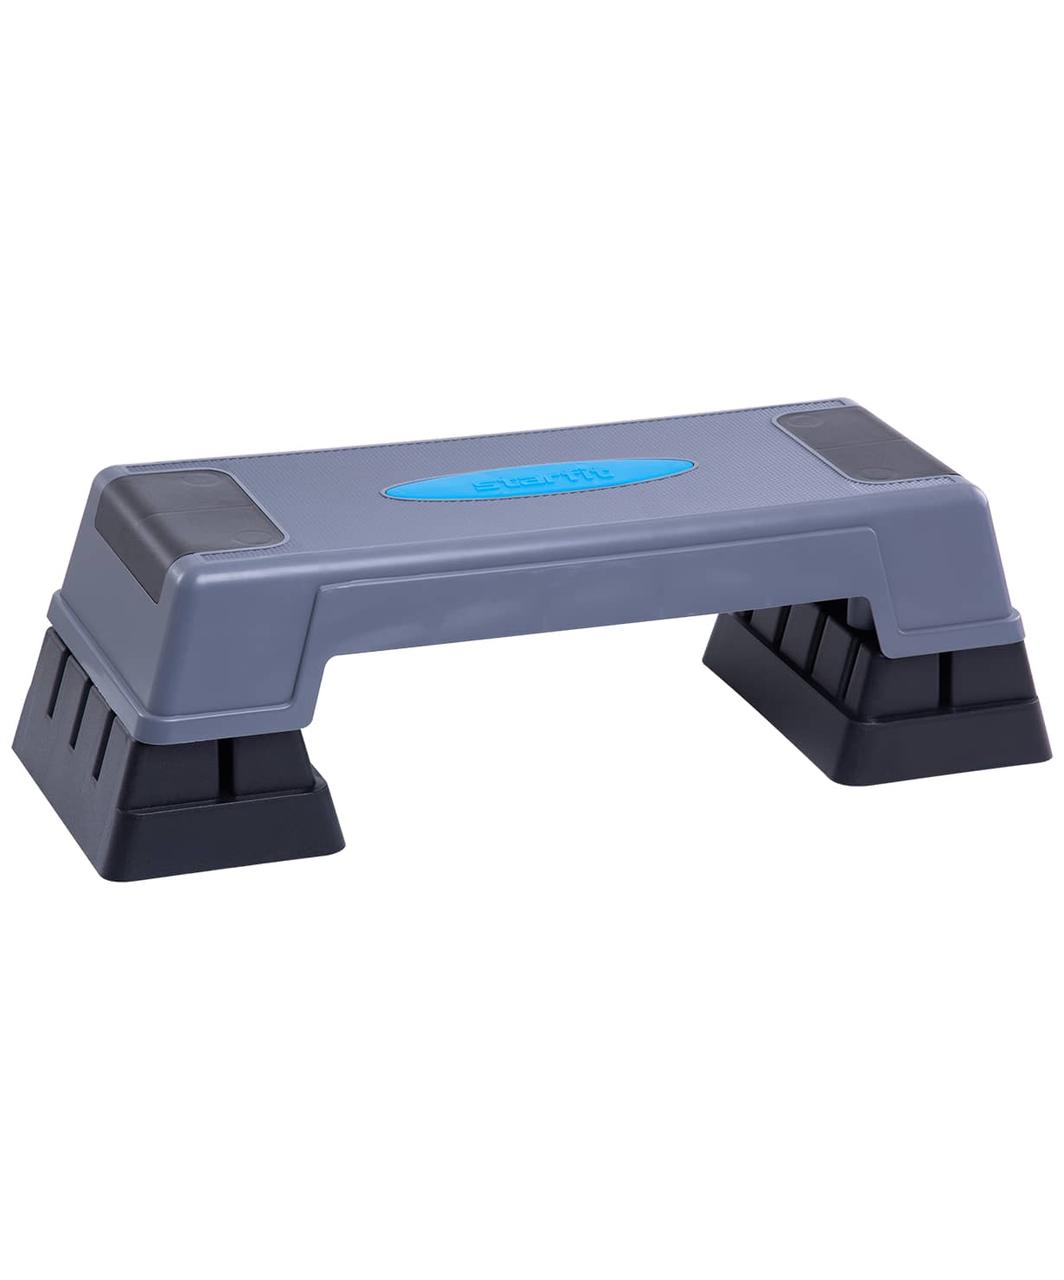 Степ-платформа SP-301 70х28х22 см, 2-уровневая Starfit